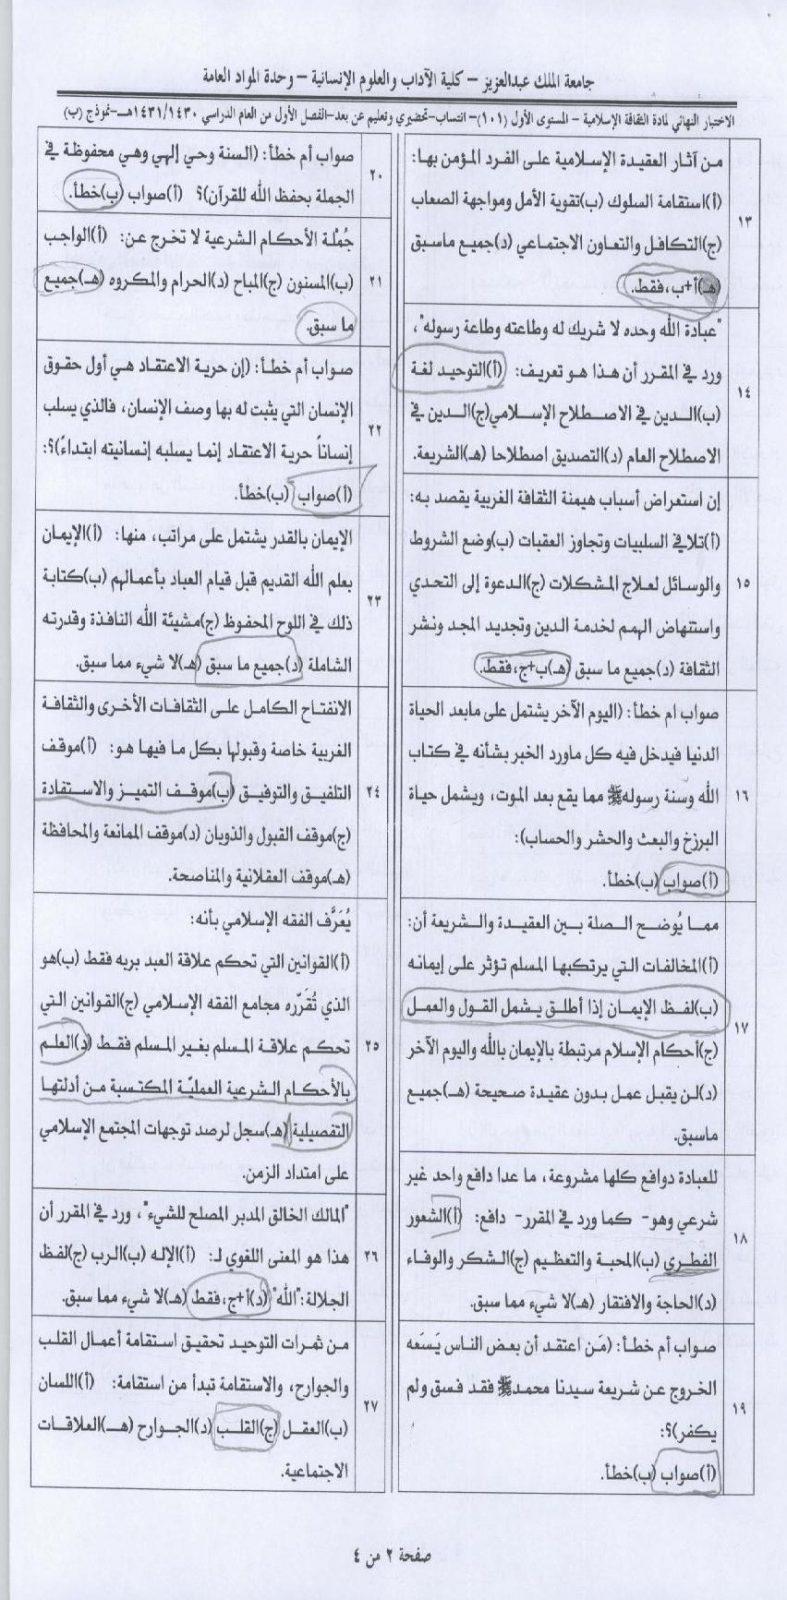 اسئلة مادة الثقافة الإسلامية isls 101 انتساب وتعليم عن بعد الفصل الدراسي الأول 1431هـ نموذج (ب) 213.jpg